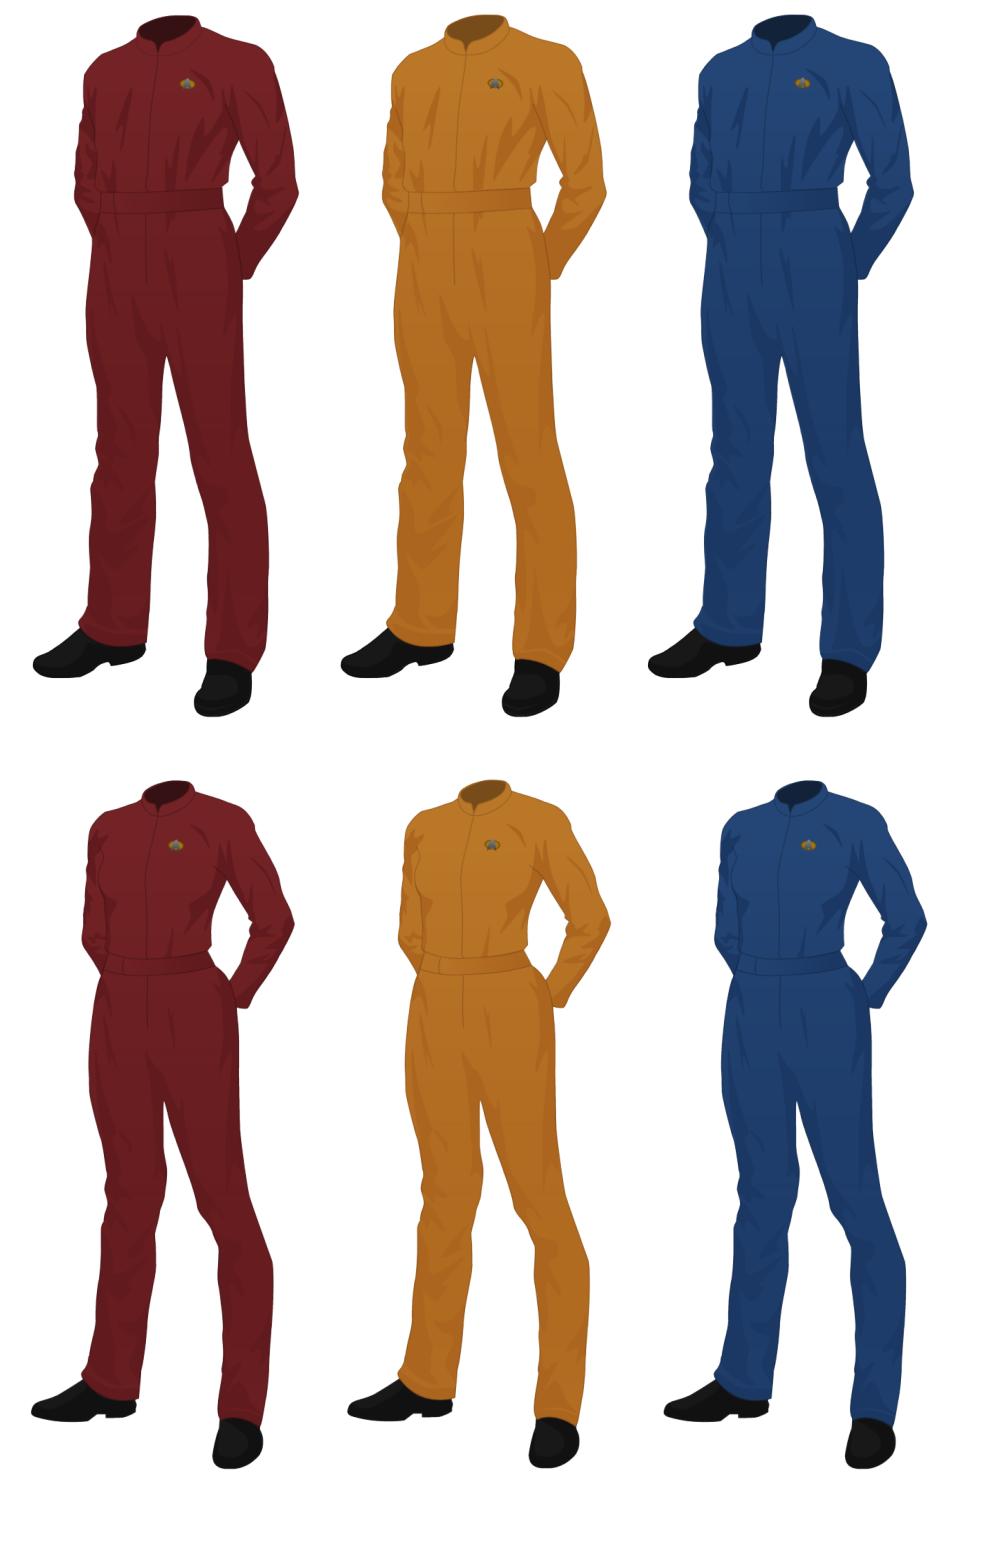 Star Trek concept uniform, Jumpsuit